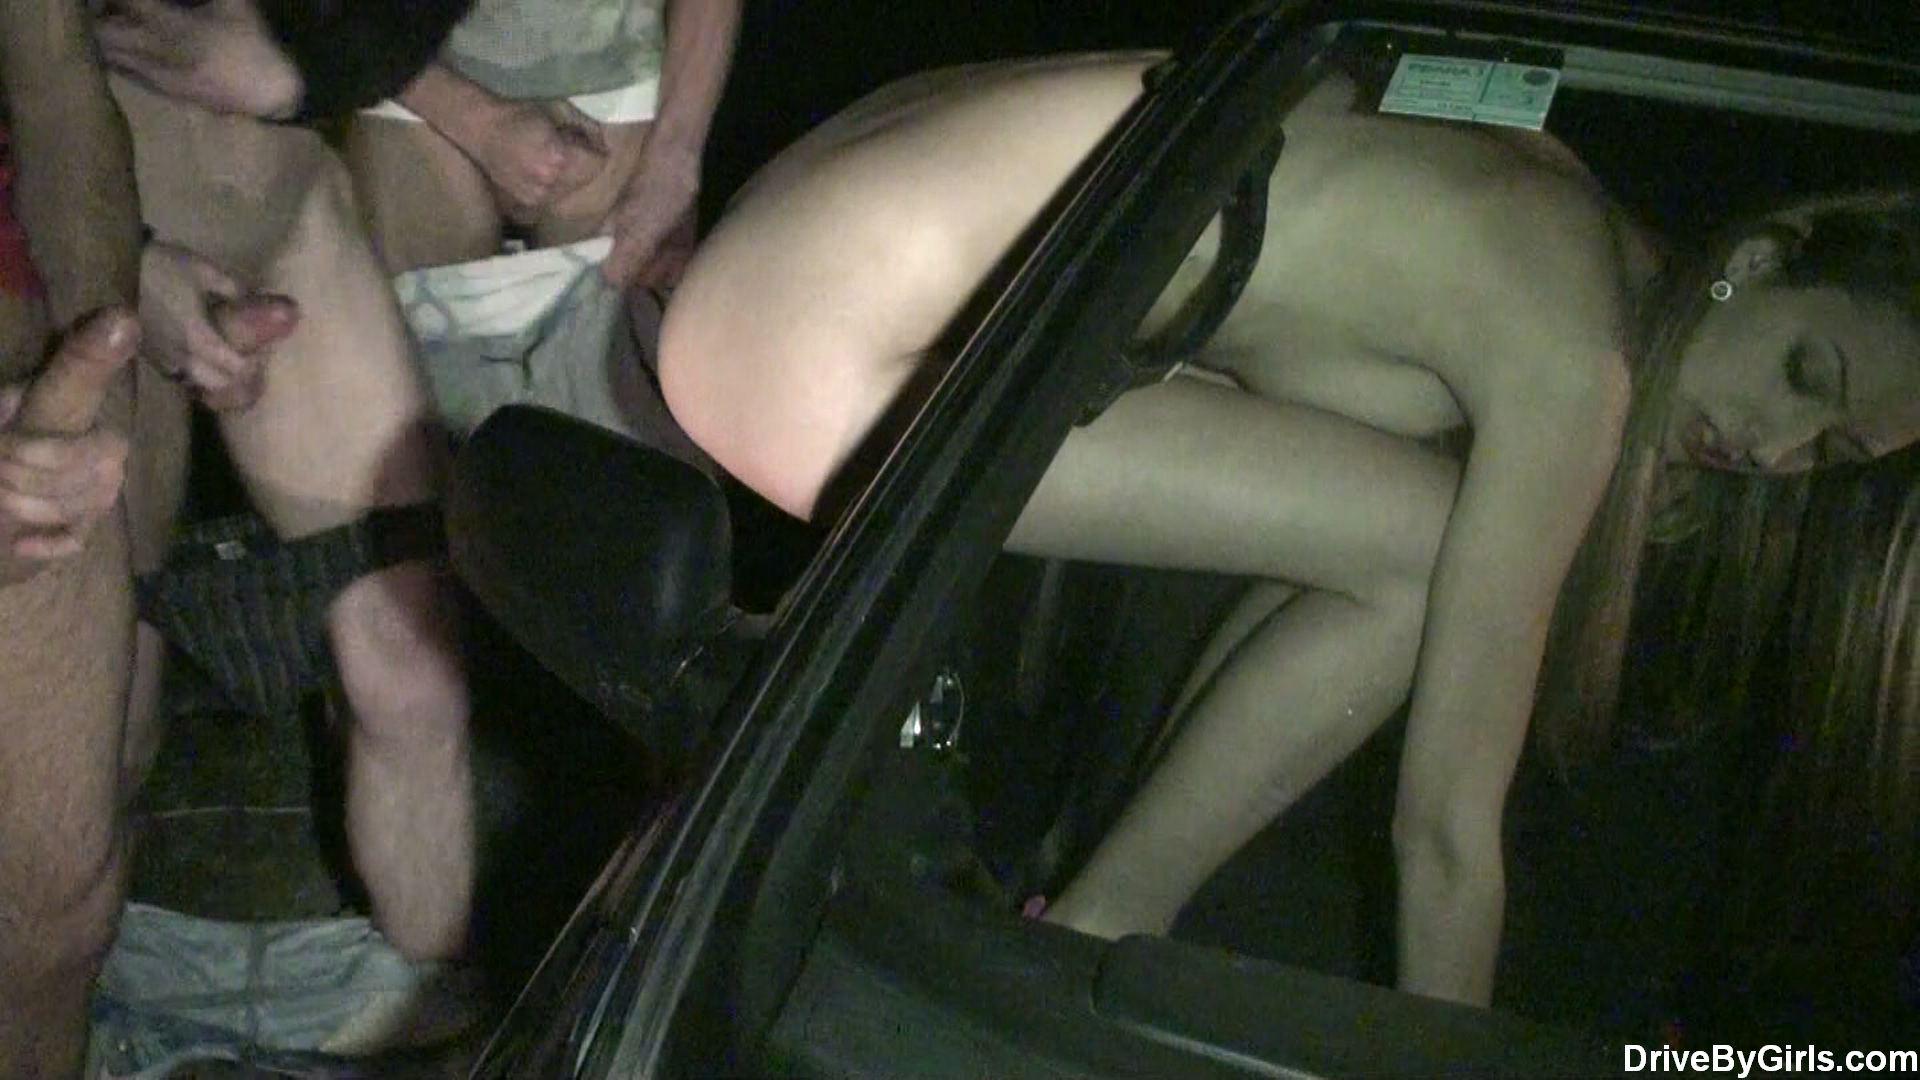 3 guys fuck a local posh dogging cum slut